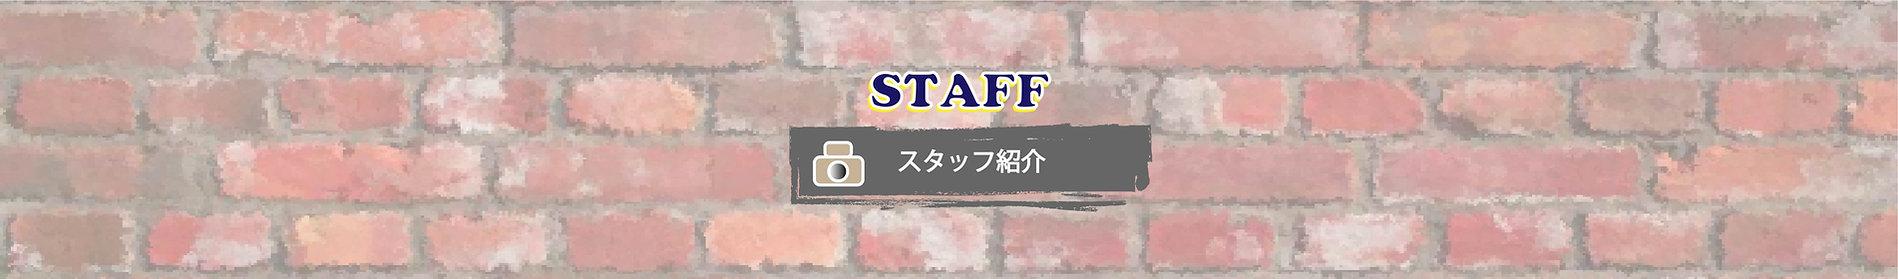 スタッフ-25_R.jpg